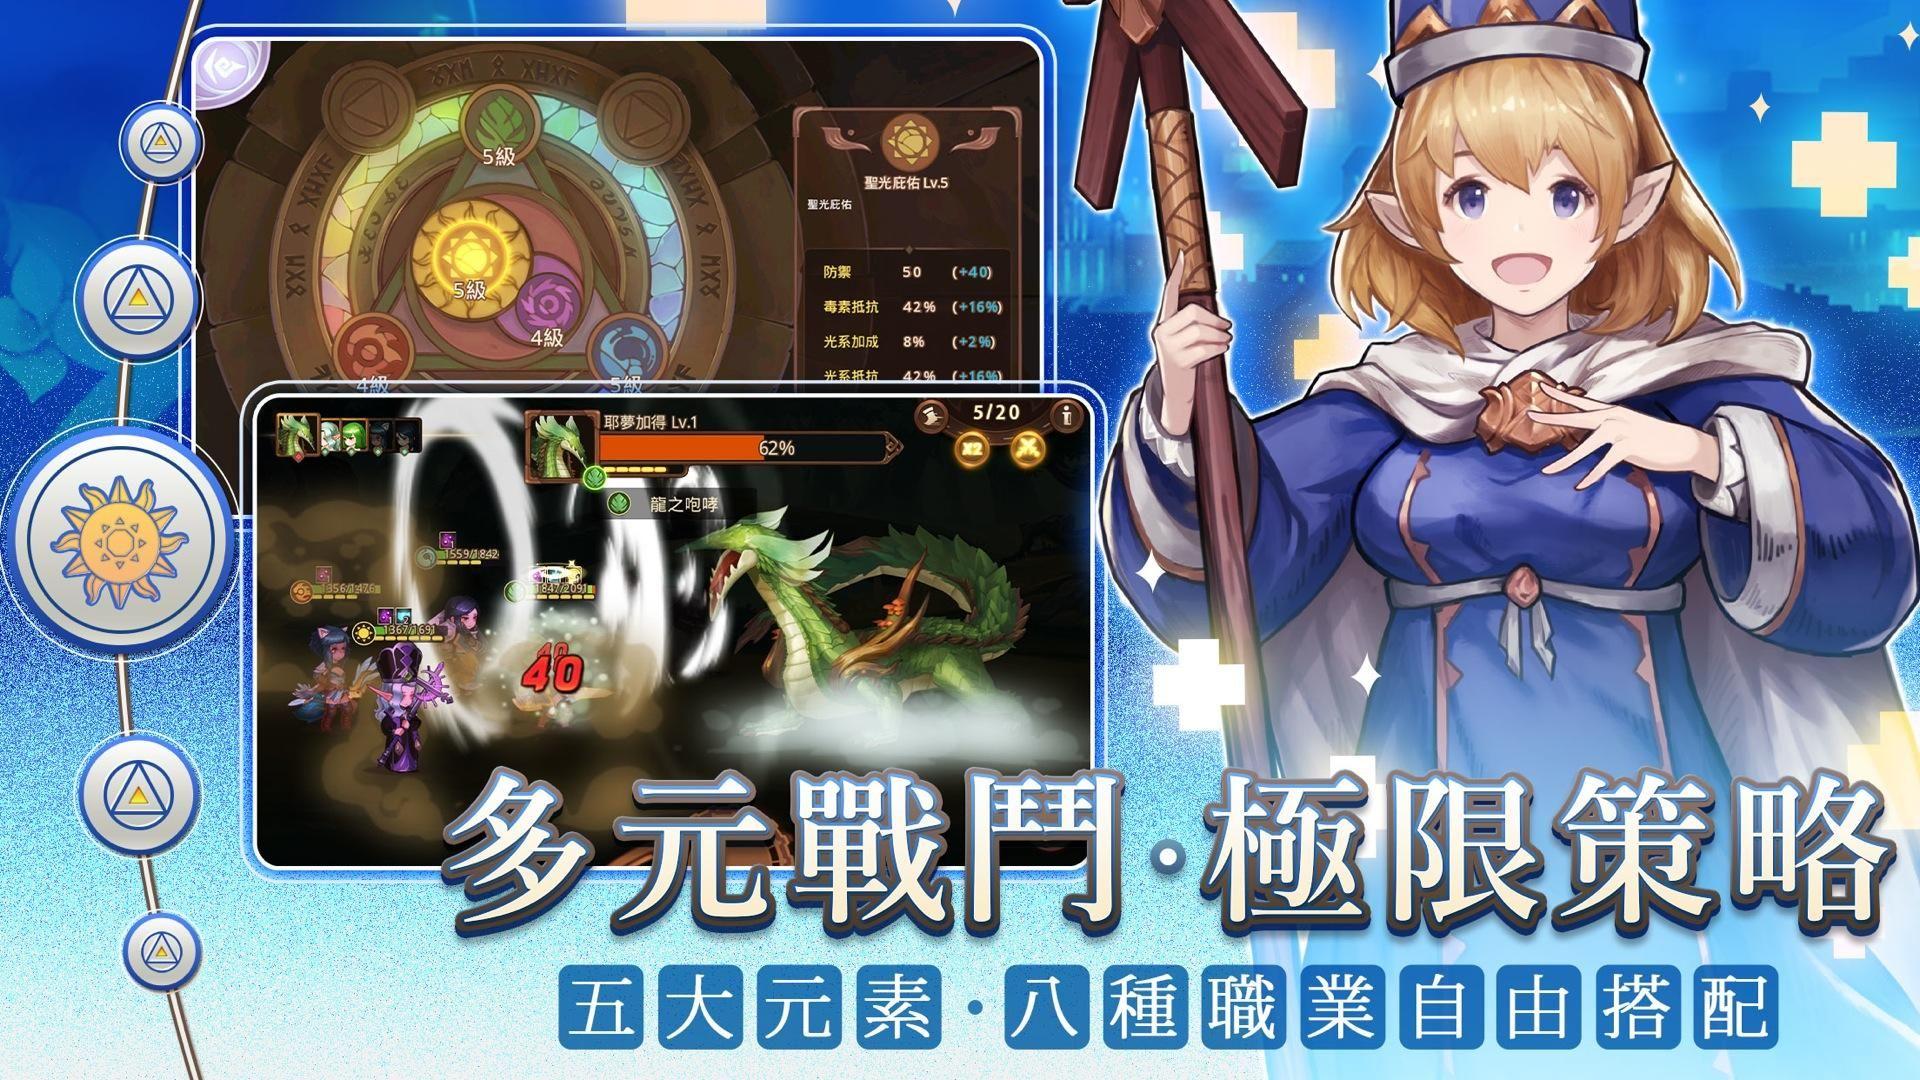 元素契约 - 超人気RPG×迷宫冒险物语 游戏截图3